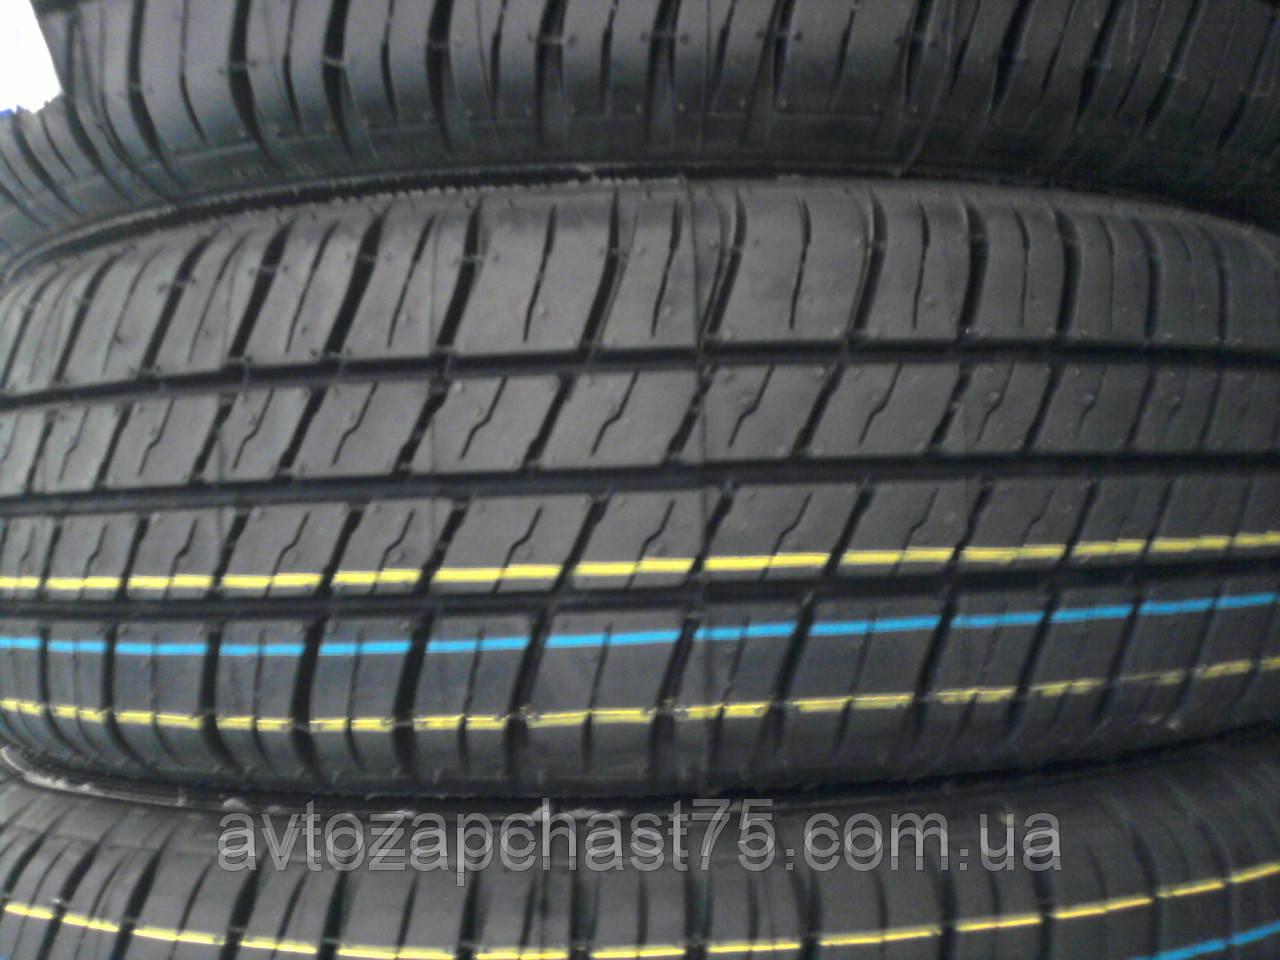 155/70r13 Rosava ВС 11 лето (производитель Украина)